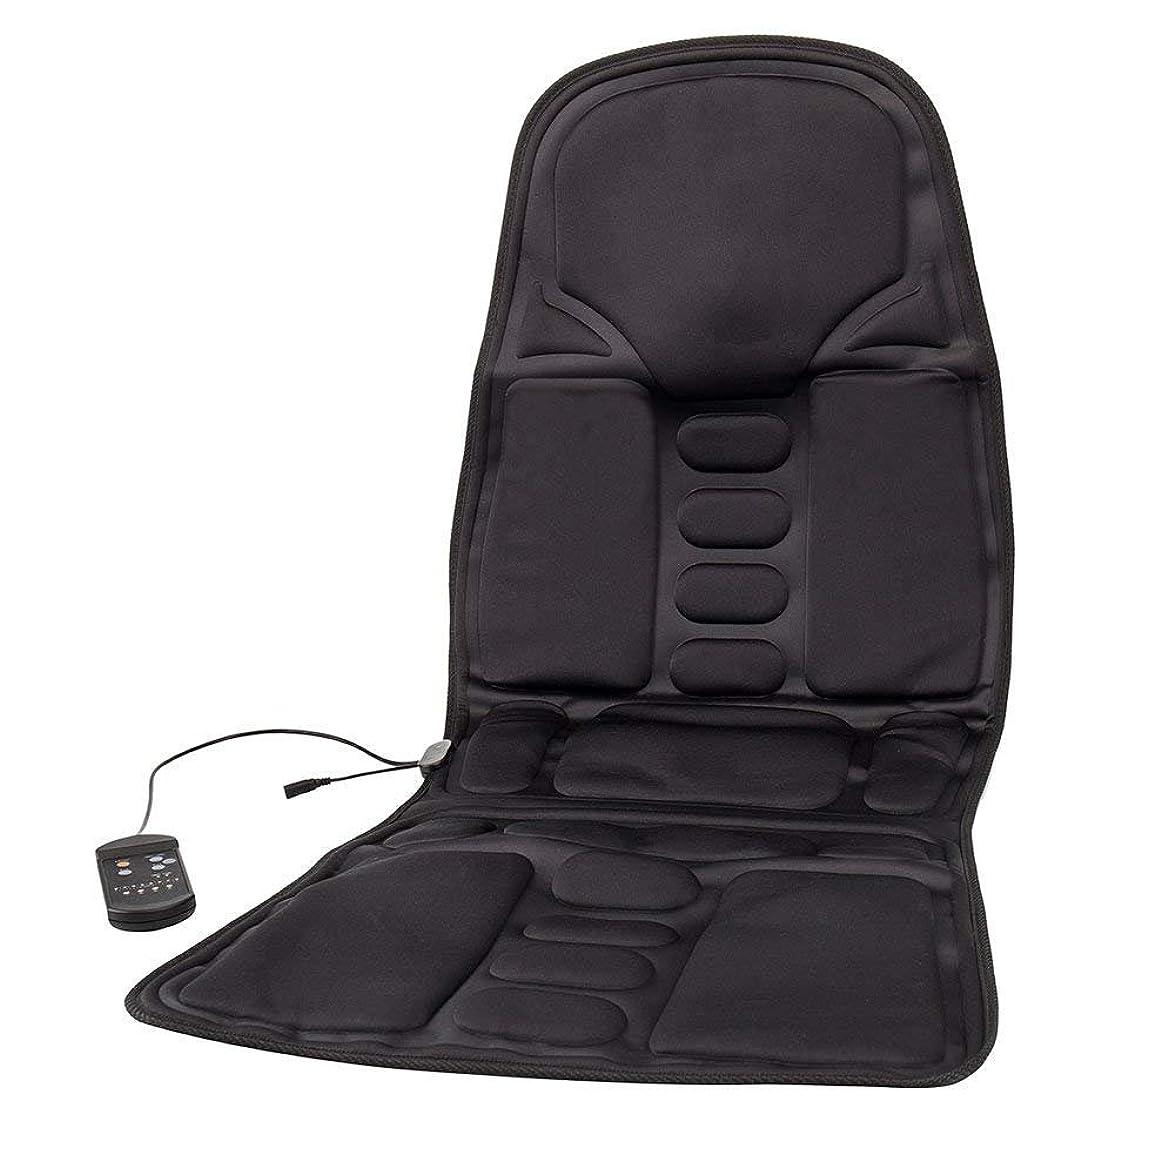 気づくリズミカルな協力するBestjunly マッサージシート 車 カーシート 12V 黒 8段階マッサージモードフリー交換 座席ヒートクッション ヒーター搭載 高品質 ブラック